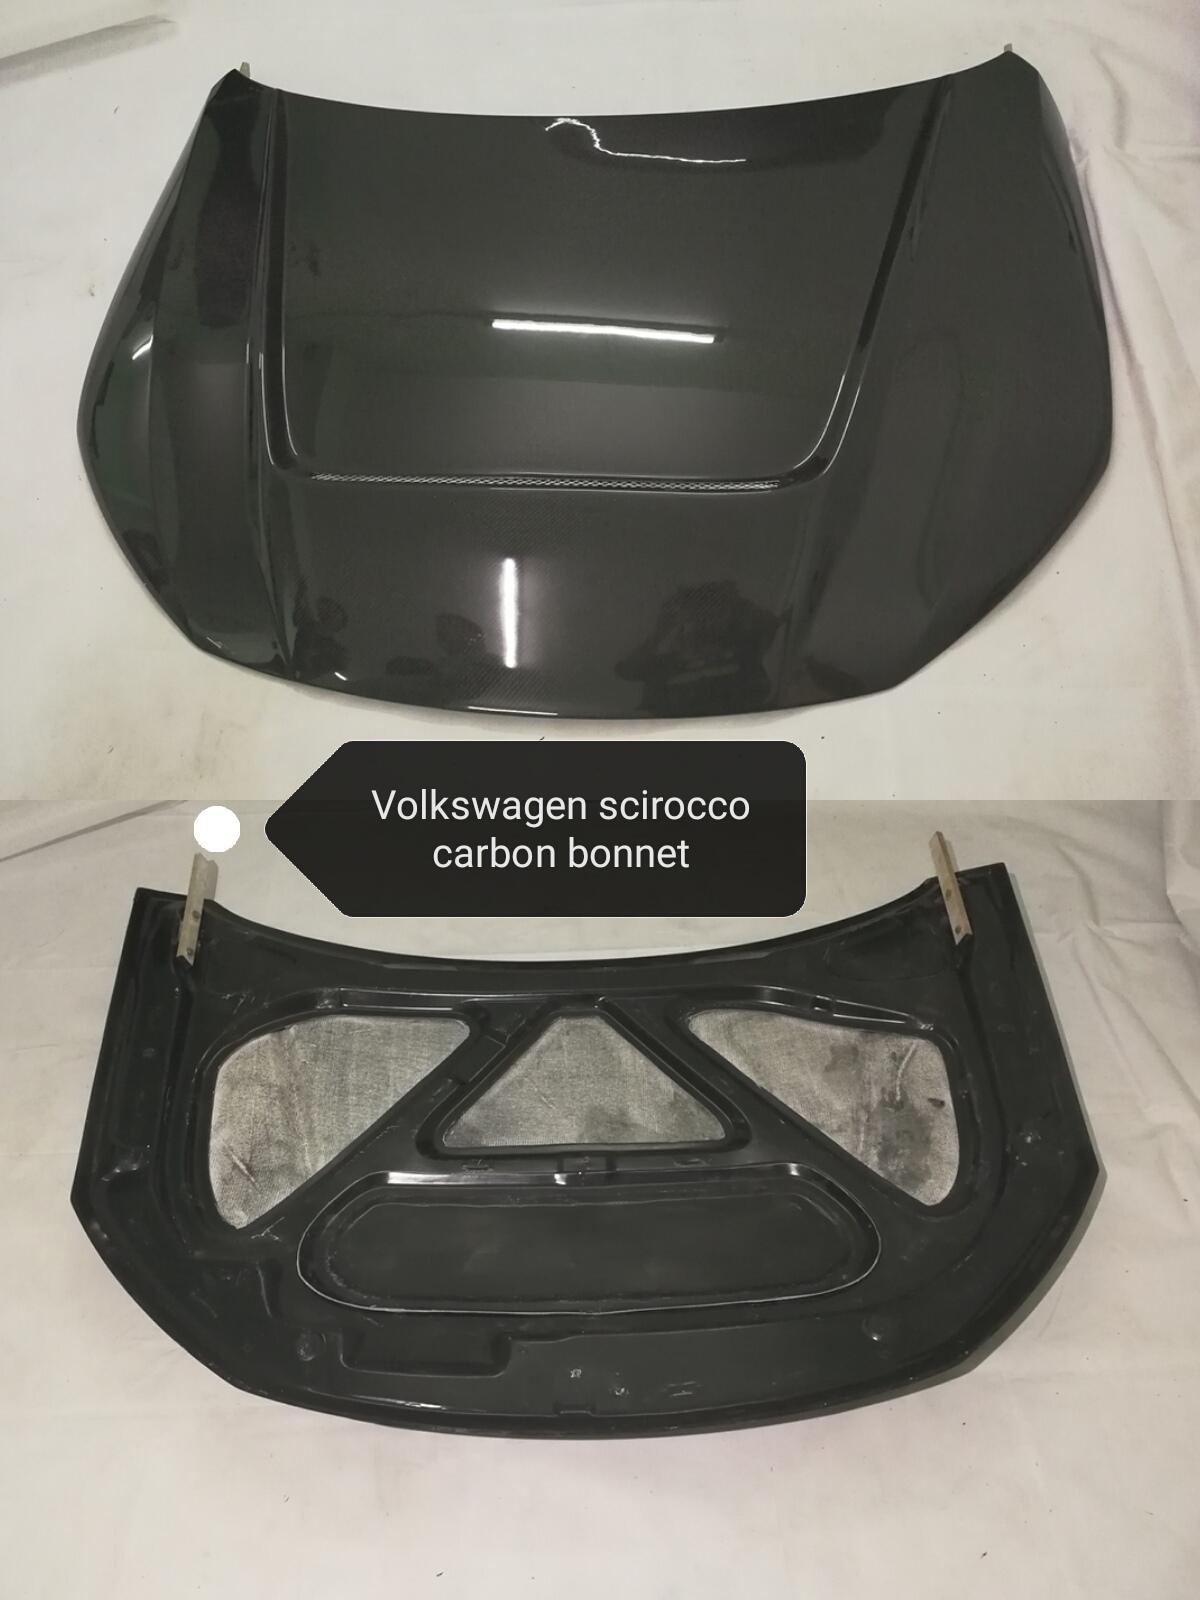 Volkswagen scirocco carbon bonnet.jpg